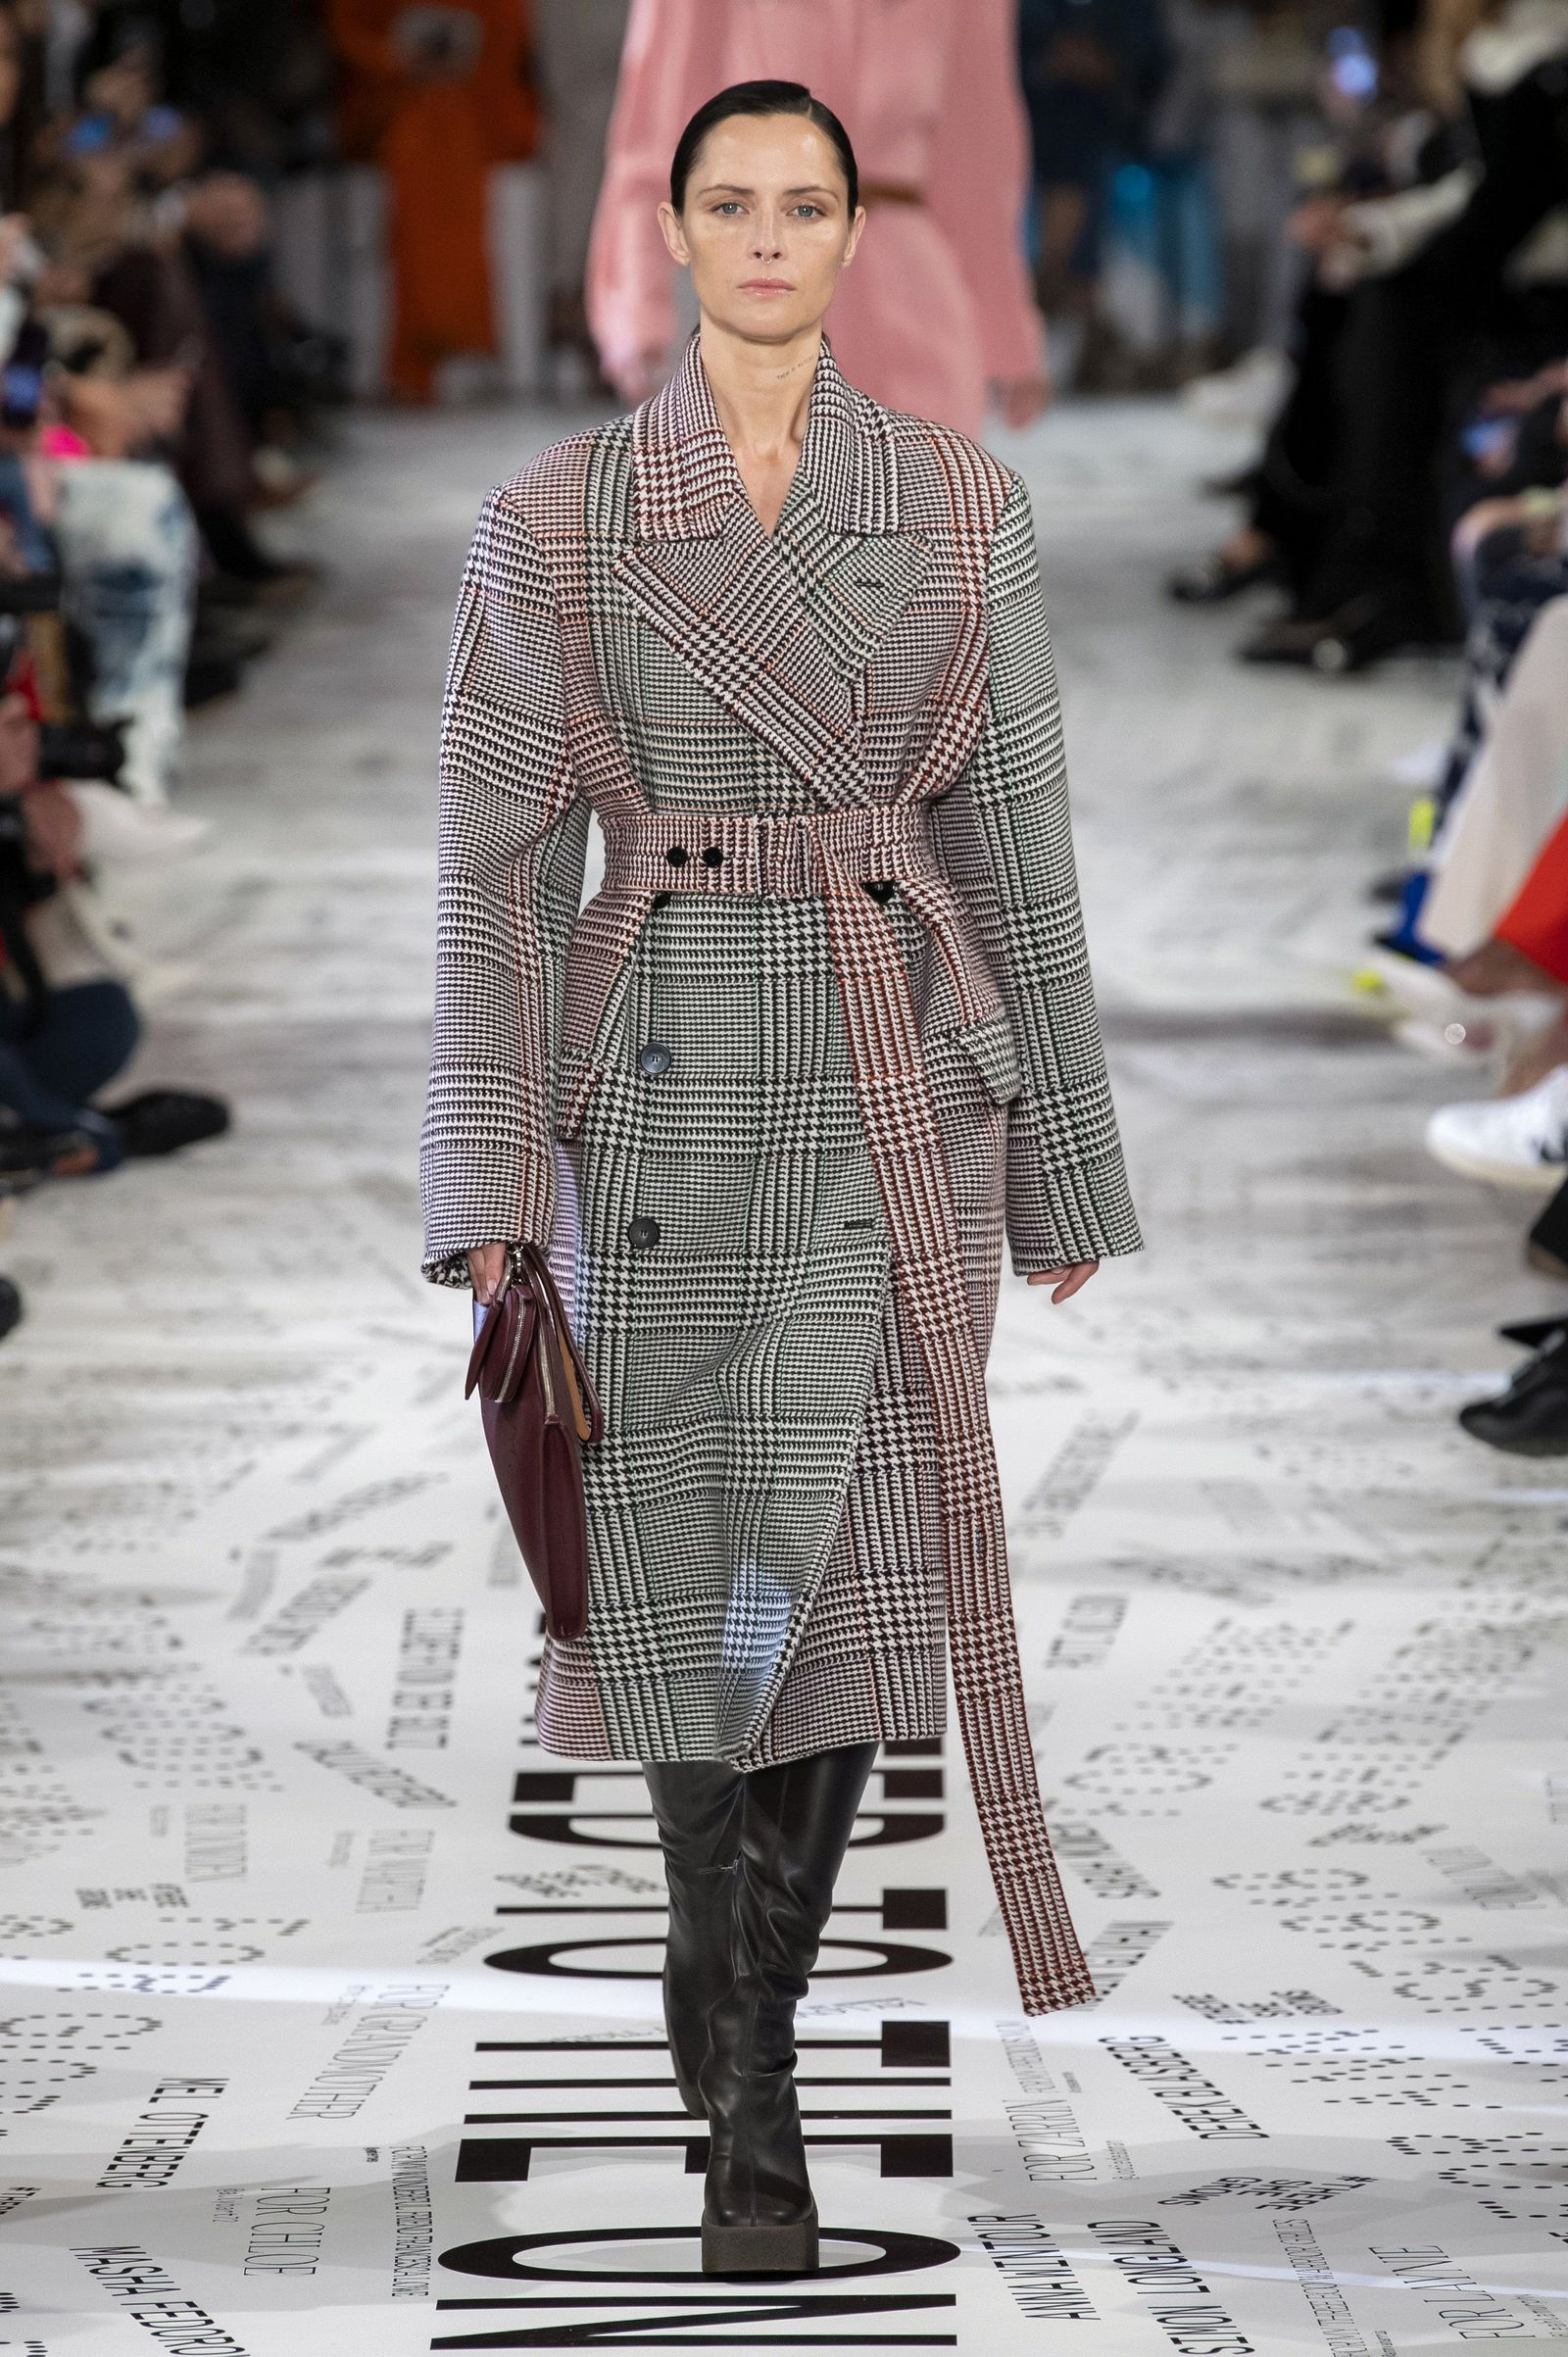 cappotti donna autunno 2019